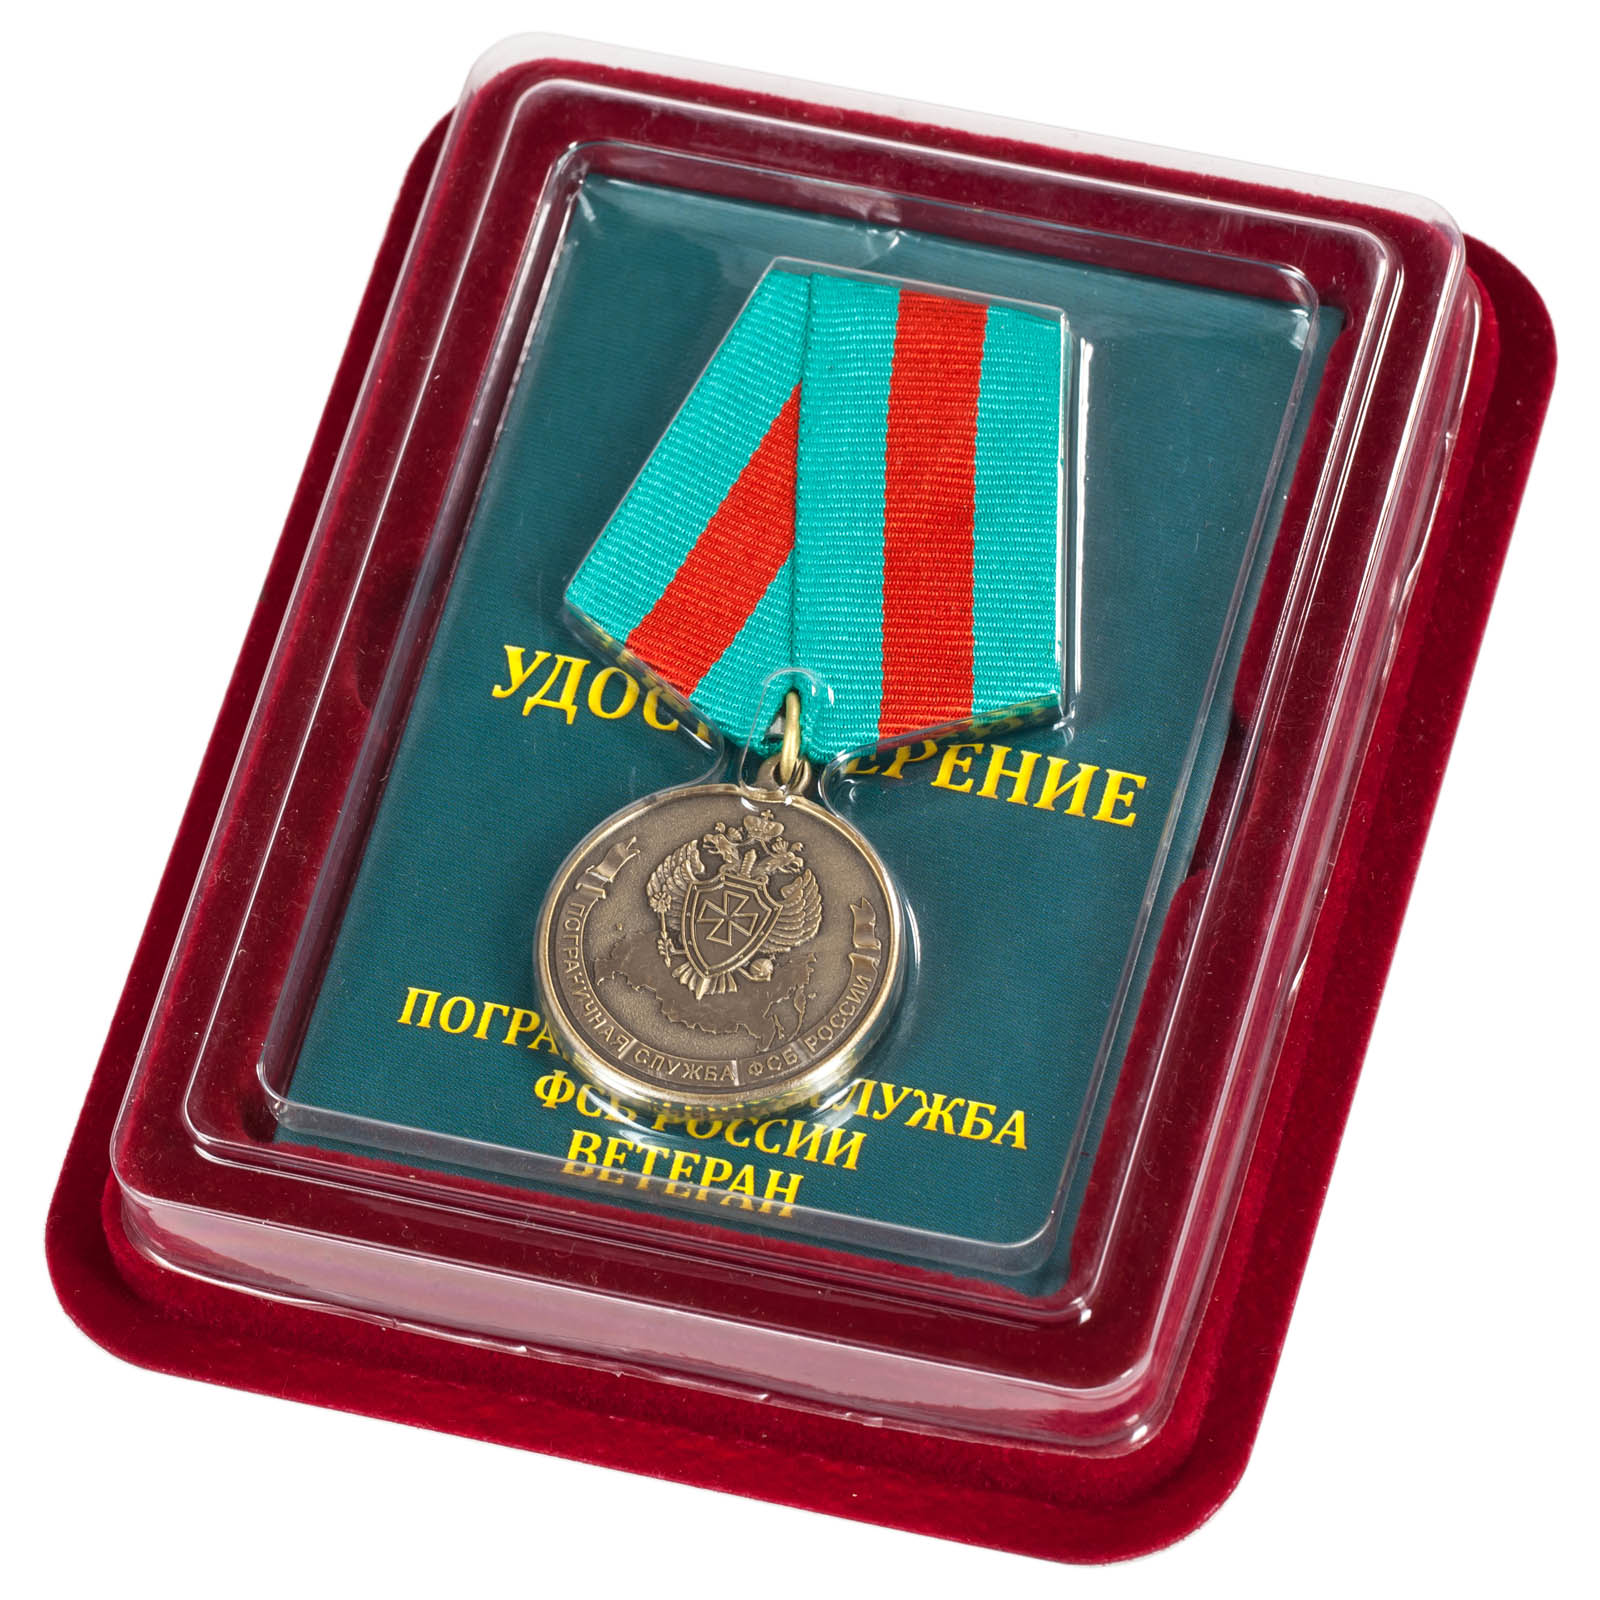 Медаль Ветеран Погранслужбы ФСБ РФ в футляре из флока с прозрачной крышкой